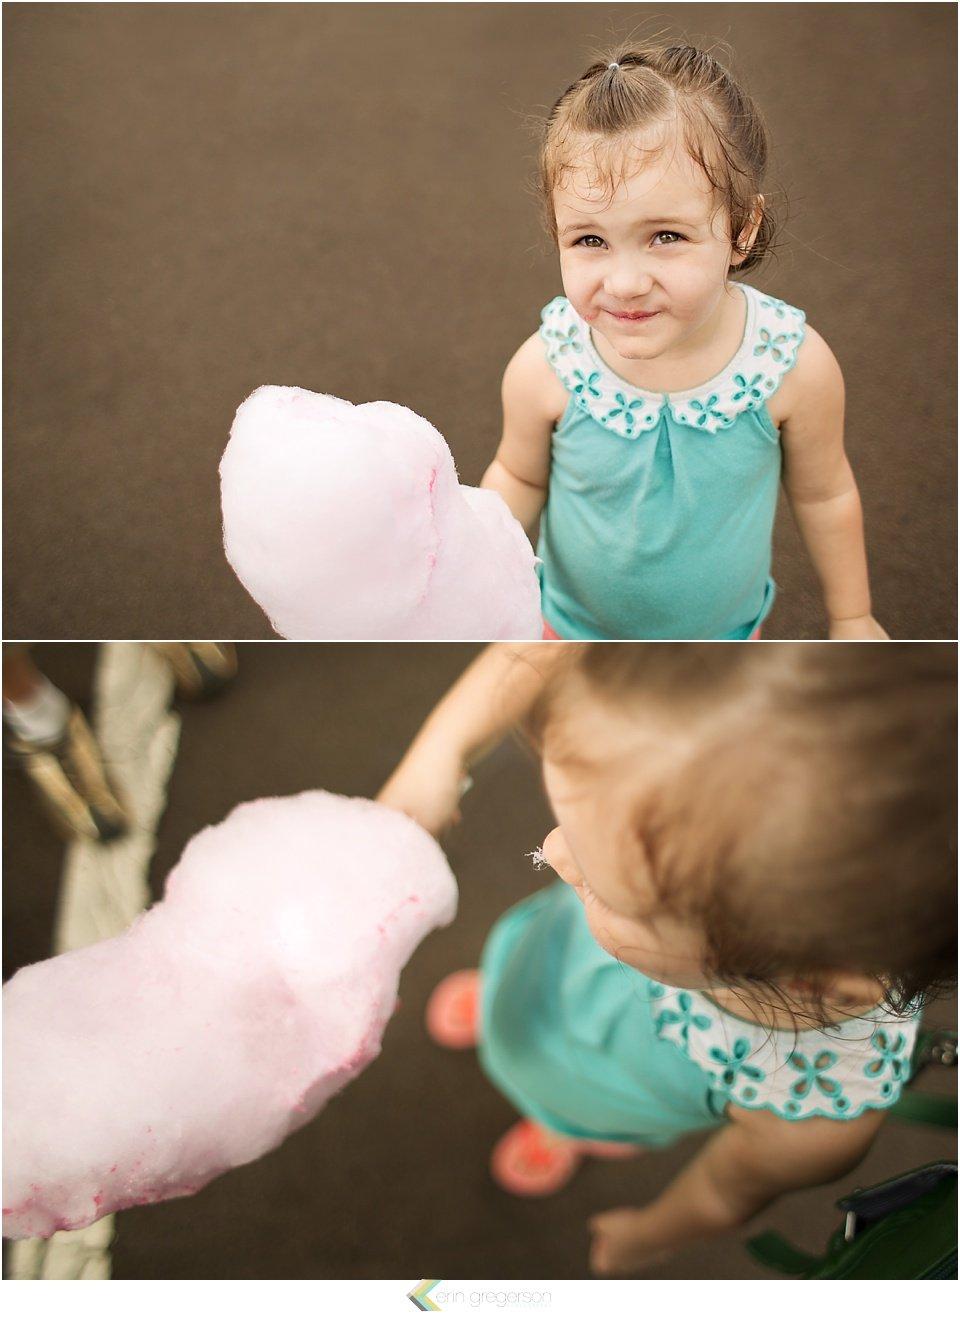 girl with cotton candy ay Kauai County Fair, with Kauai family activities